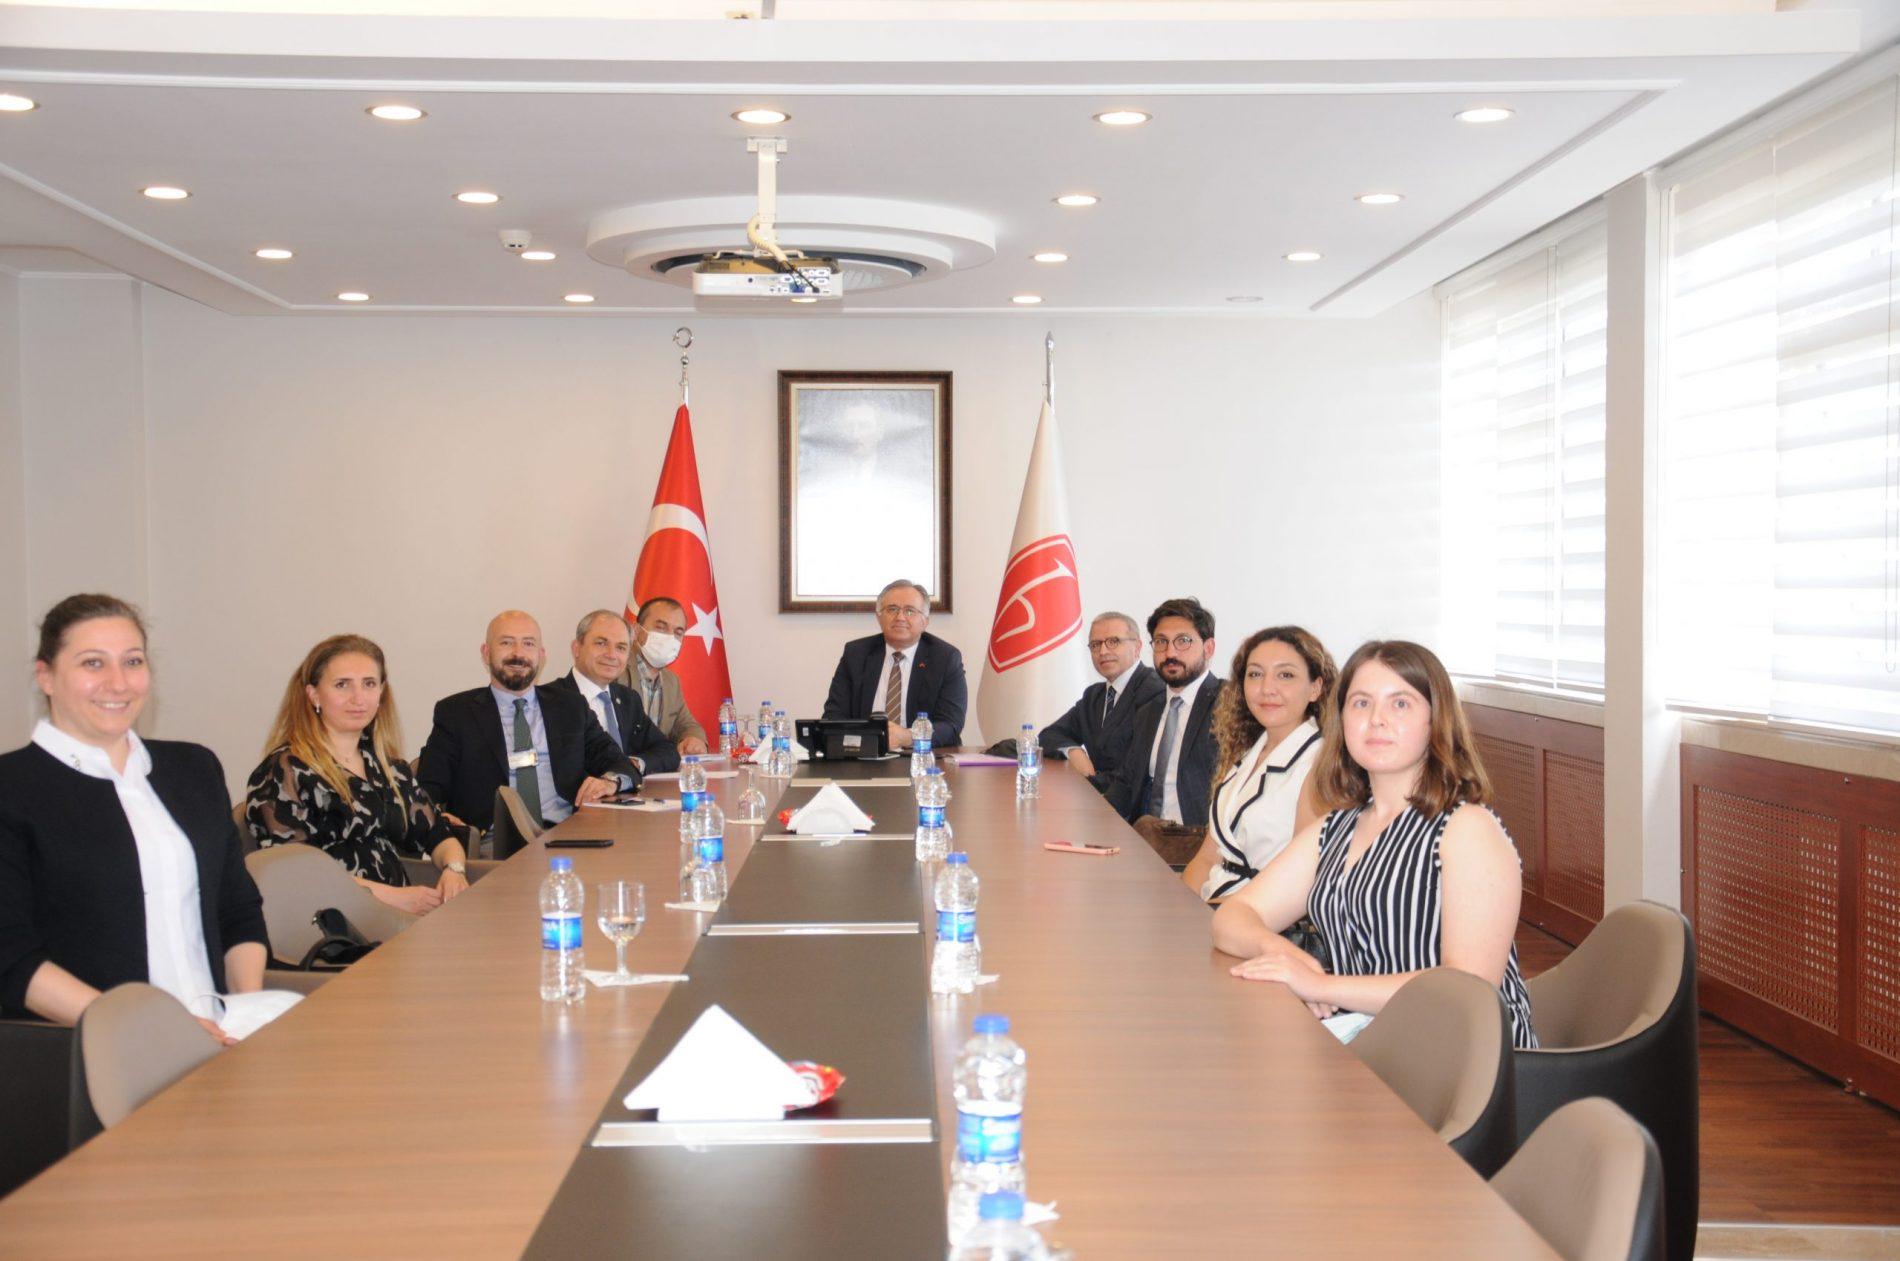 HÜMED Yönetimi HÜ Rektörü Prof. Dr. Mehmet Cahit Güran'ı Ziyaret Etti